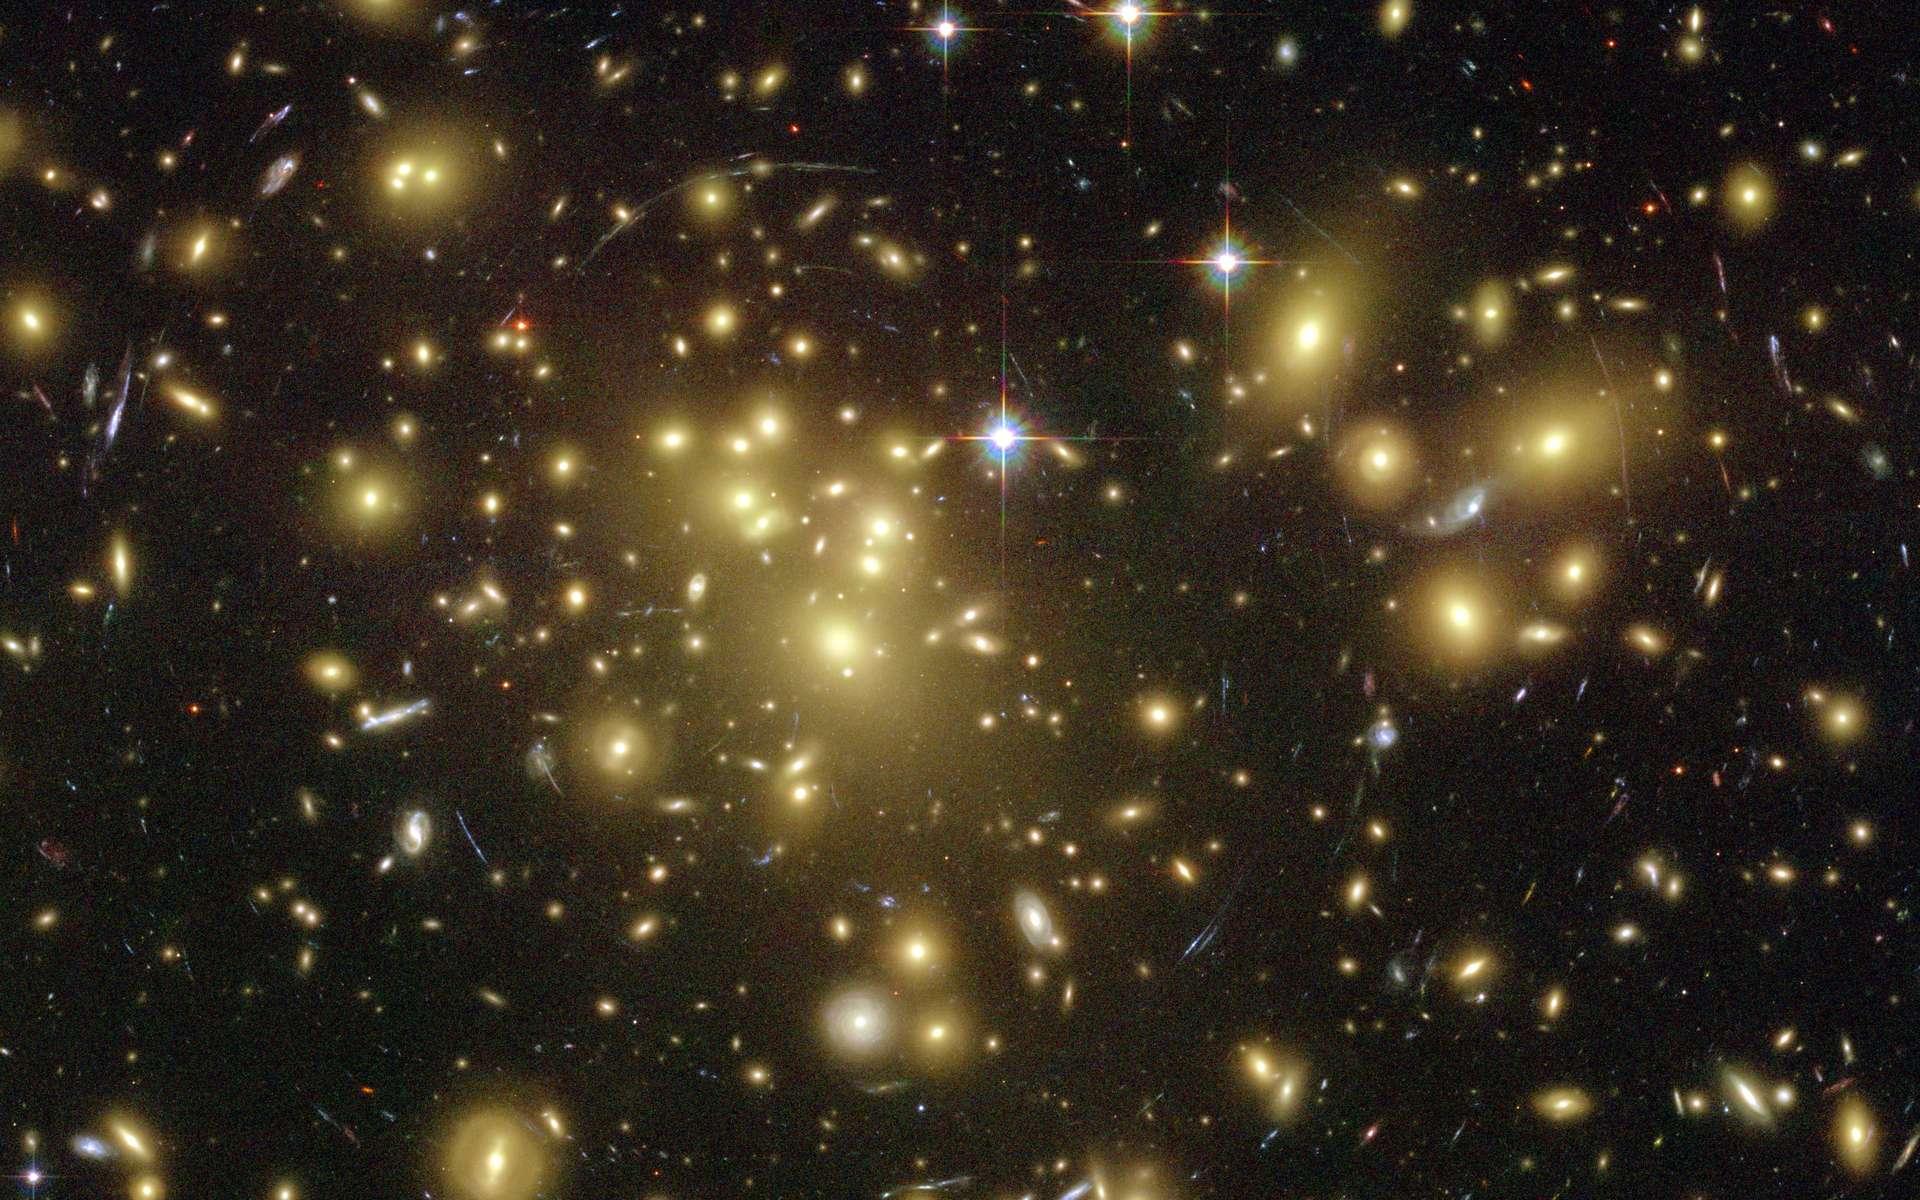 Certains des arcs lumineux les plus faibles de cette image sont en fait des galaxies situées à un peu plus de 13 milliards d'années-lumière, déformées par l'effet de lentille gravitationnelle, aussi appelé mirage gravitationnel. © Nasa